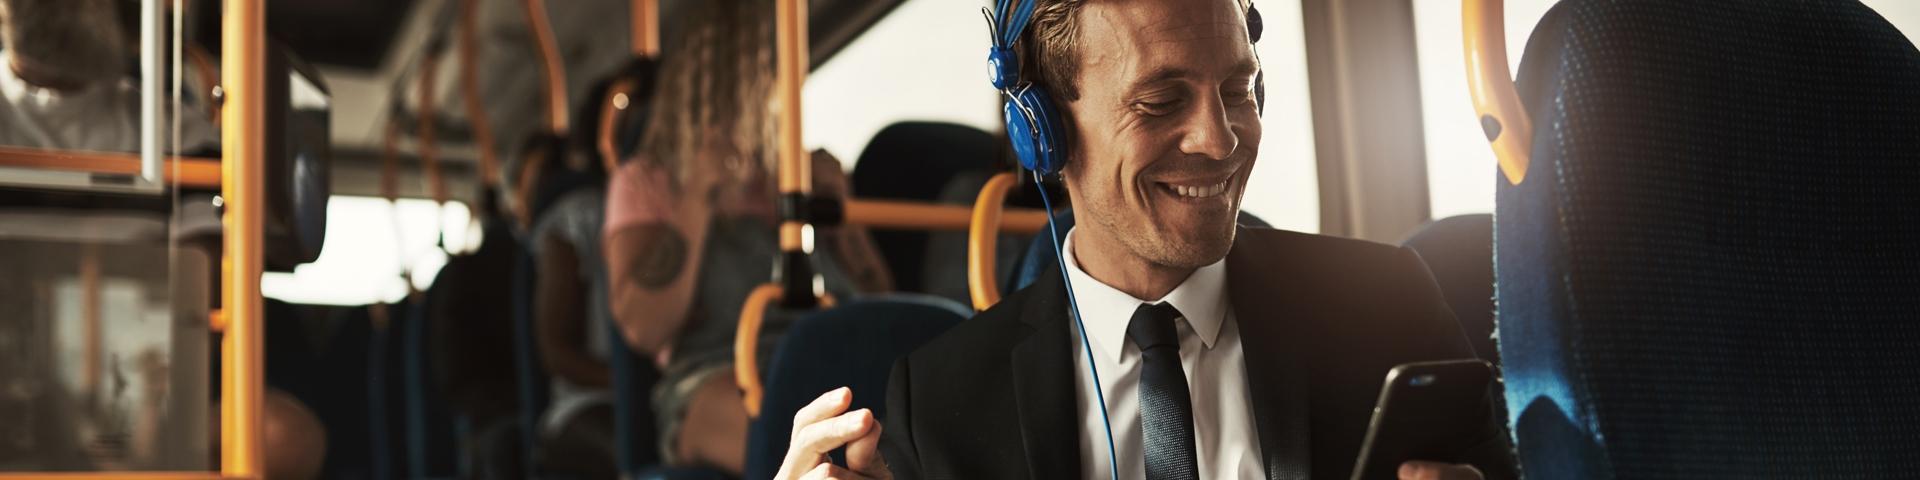 Titelbild für Priorität 3 - Arbeitsmarkt, Beschäftigung und Ausbildung - Junger Mann sitzt im Bus, hat blaue Kopfhörer auf und lächelt während er auf sein Handy guckt.